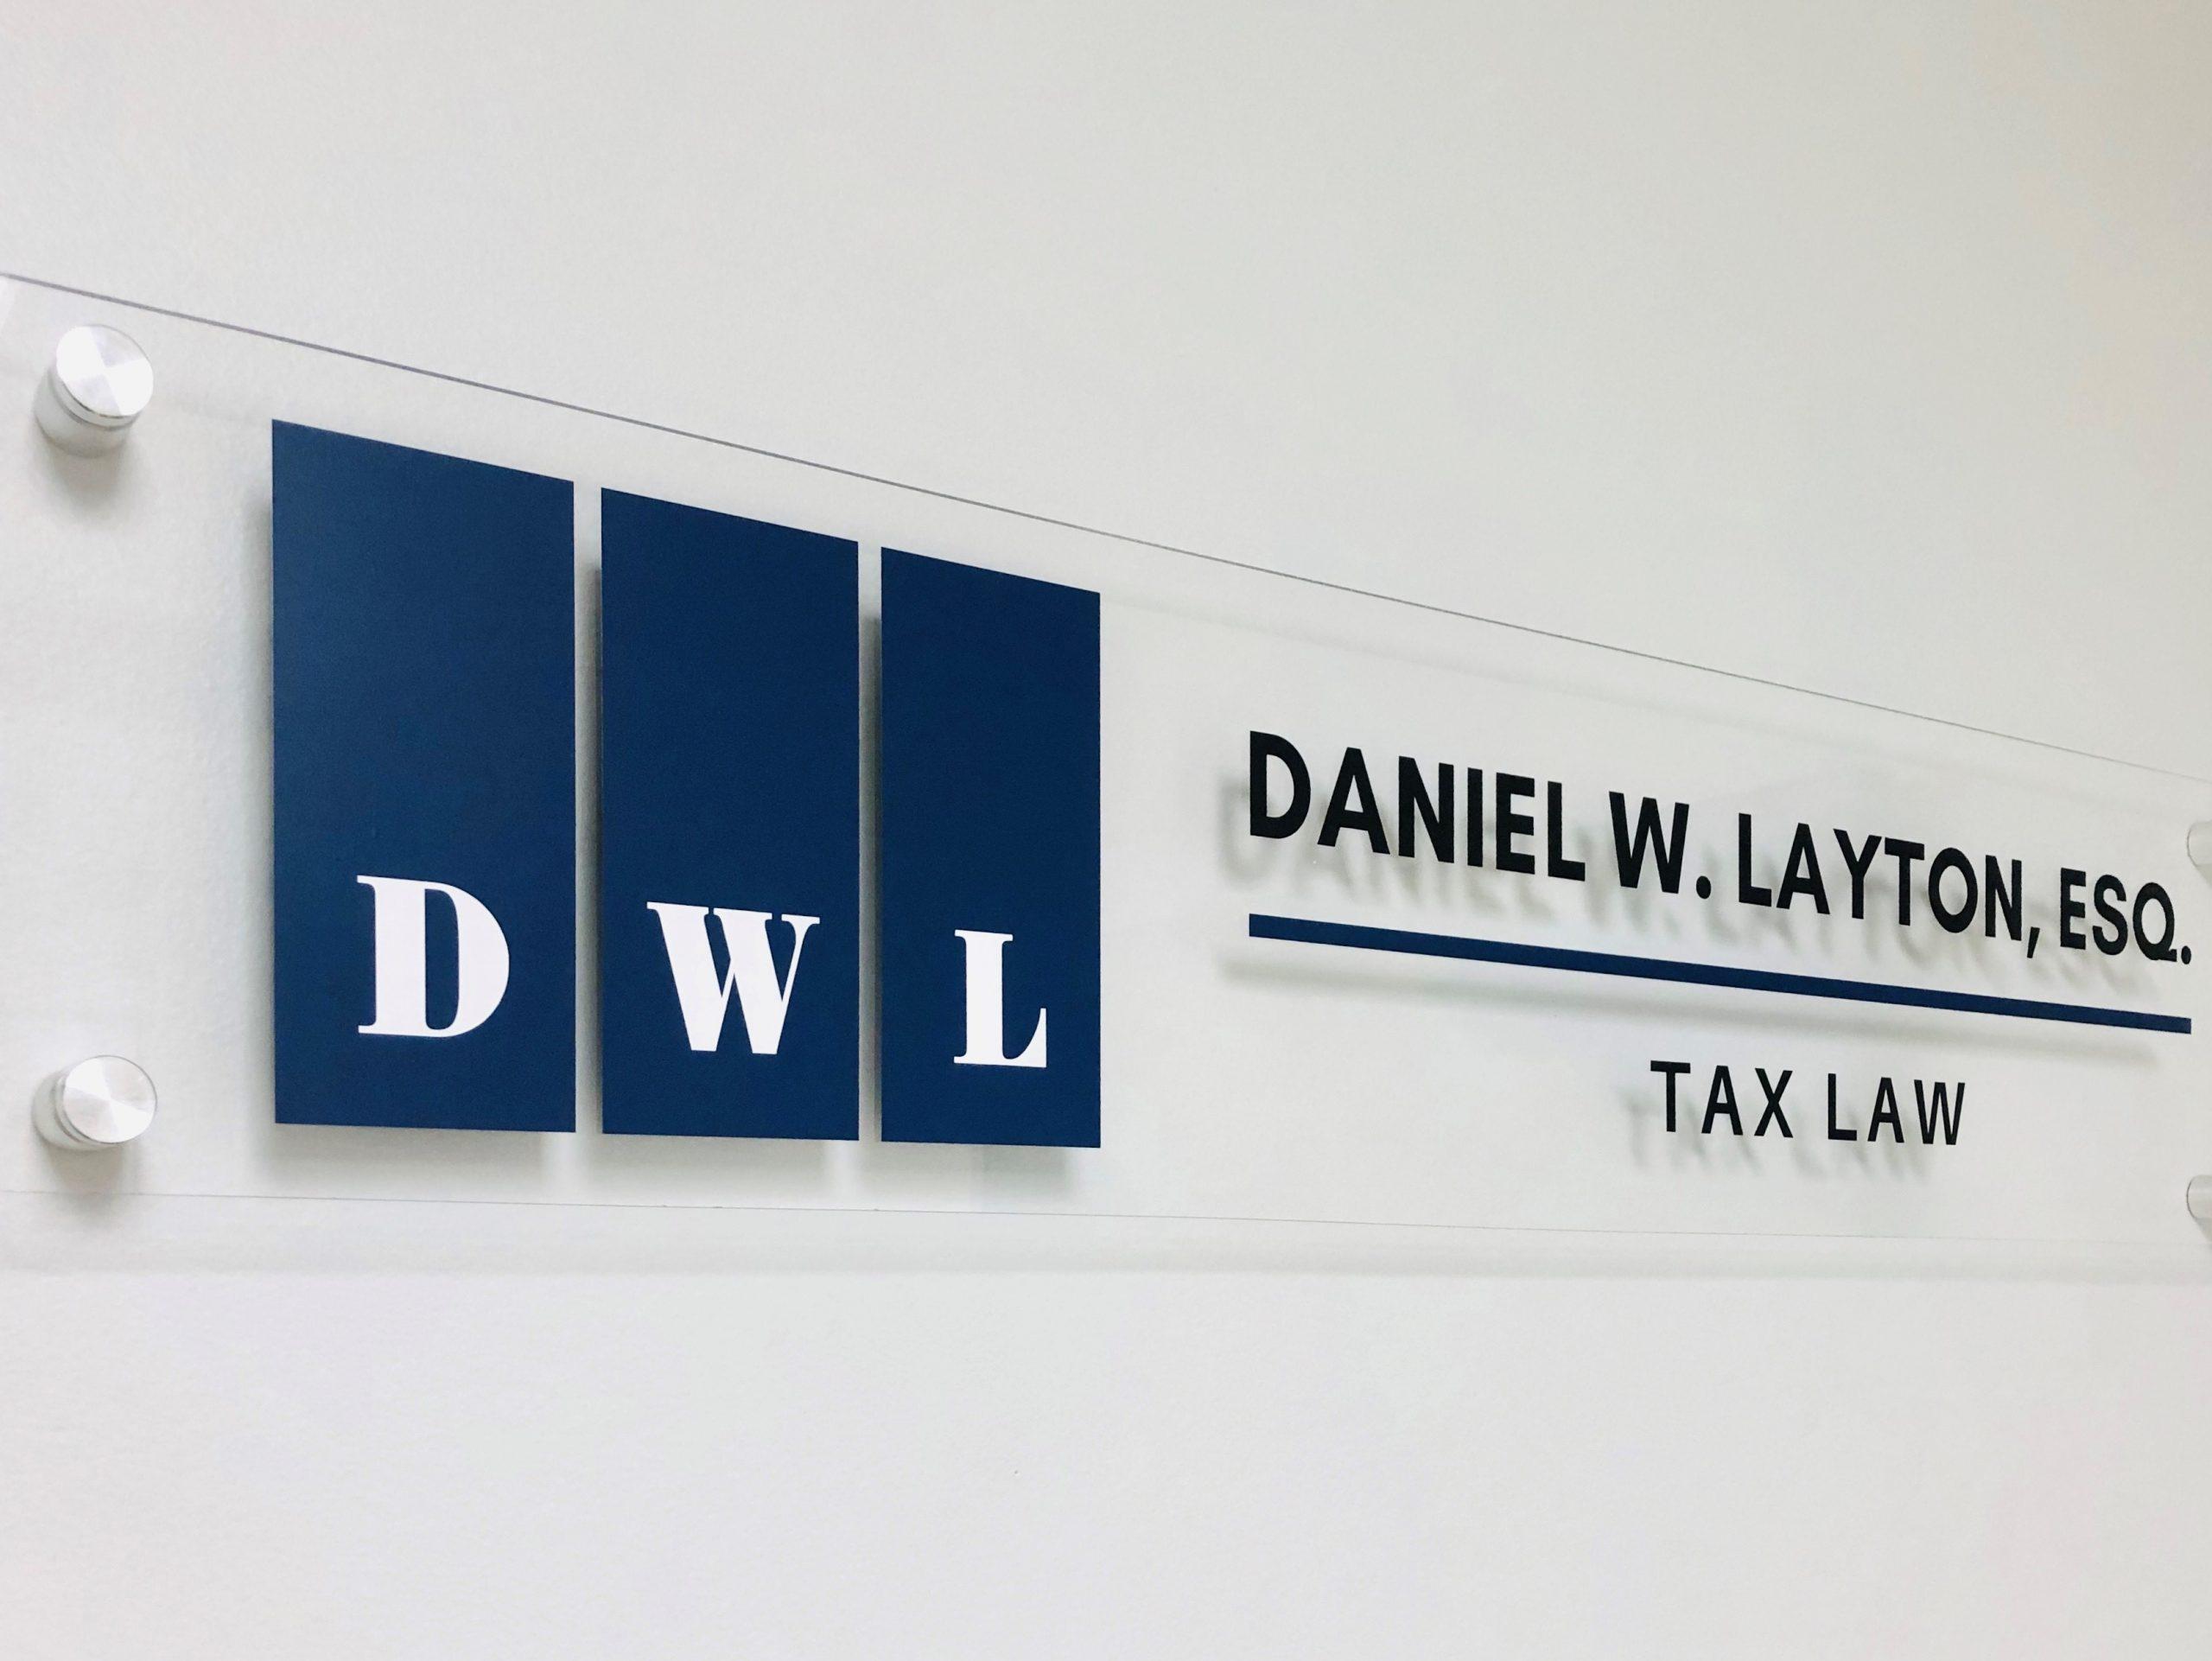 DWL Tax Law explains IRS Form 9297